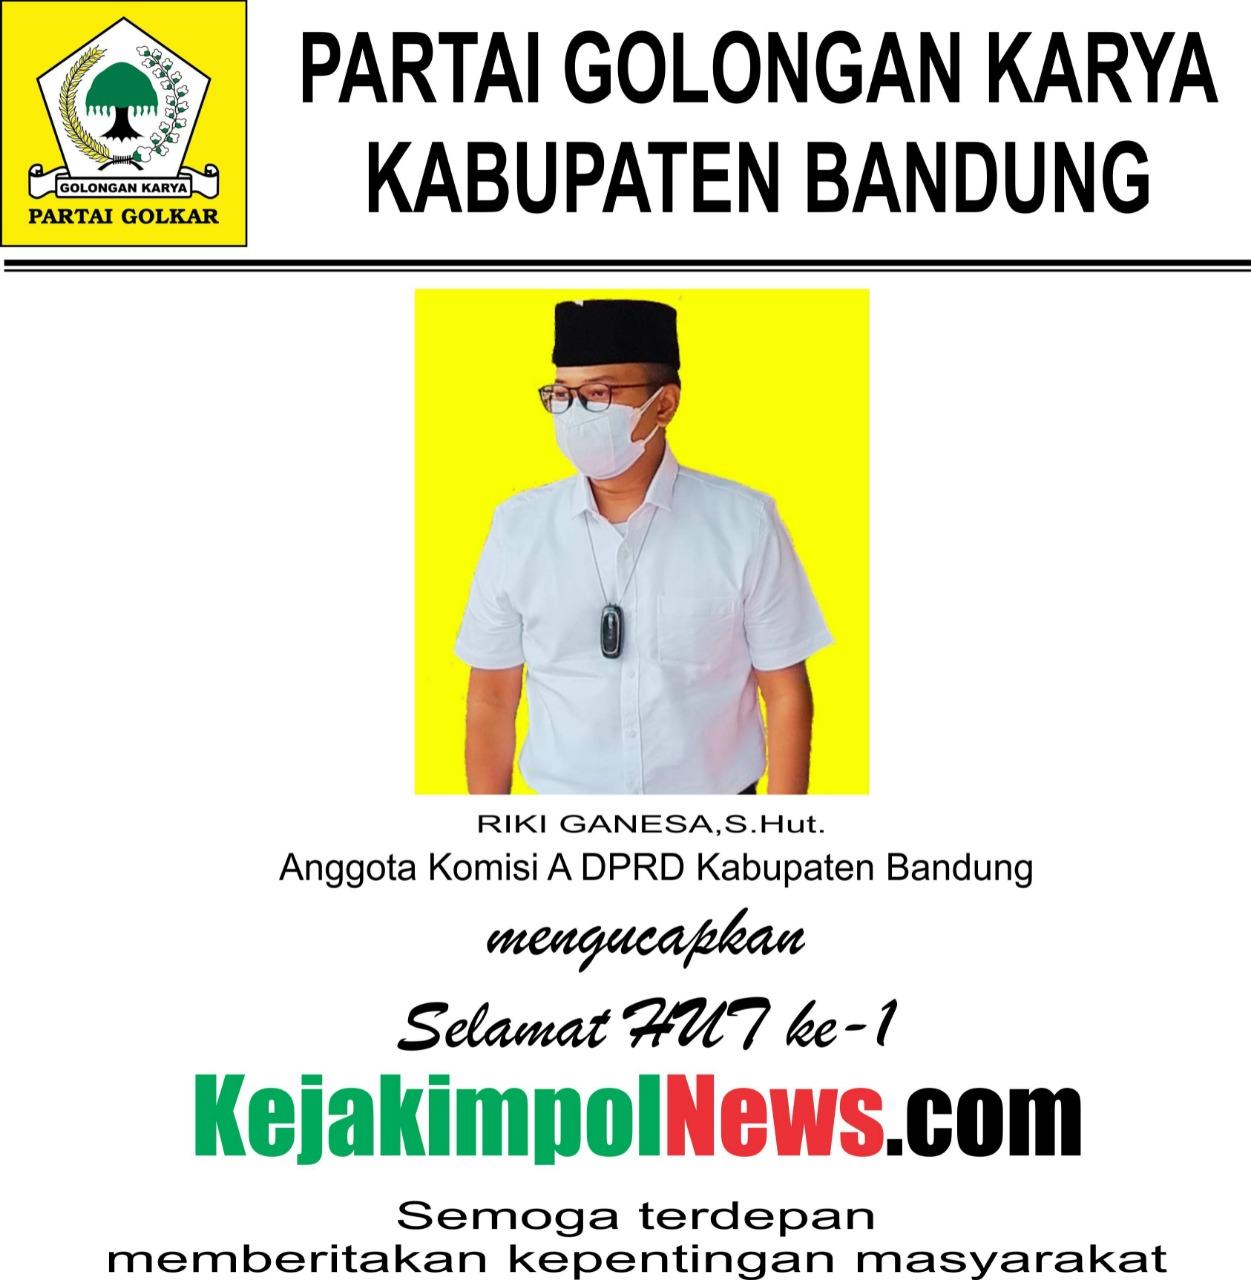 Golkar Kab Bandung